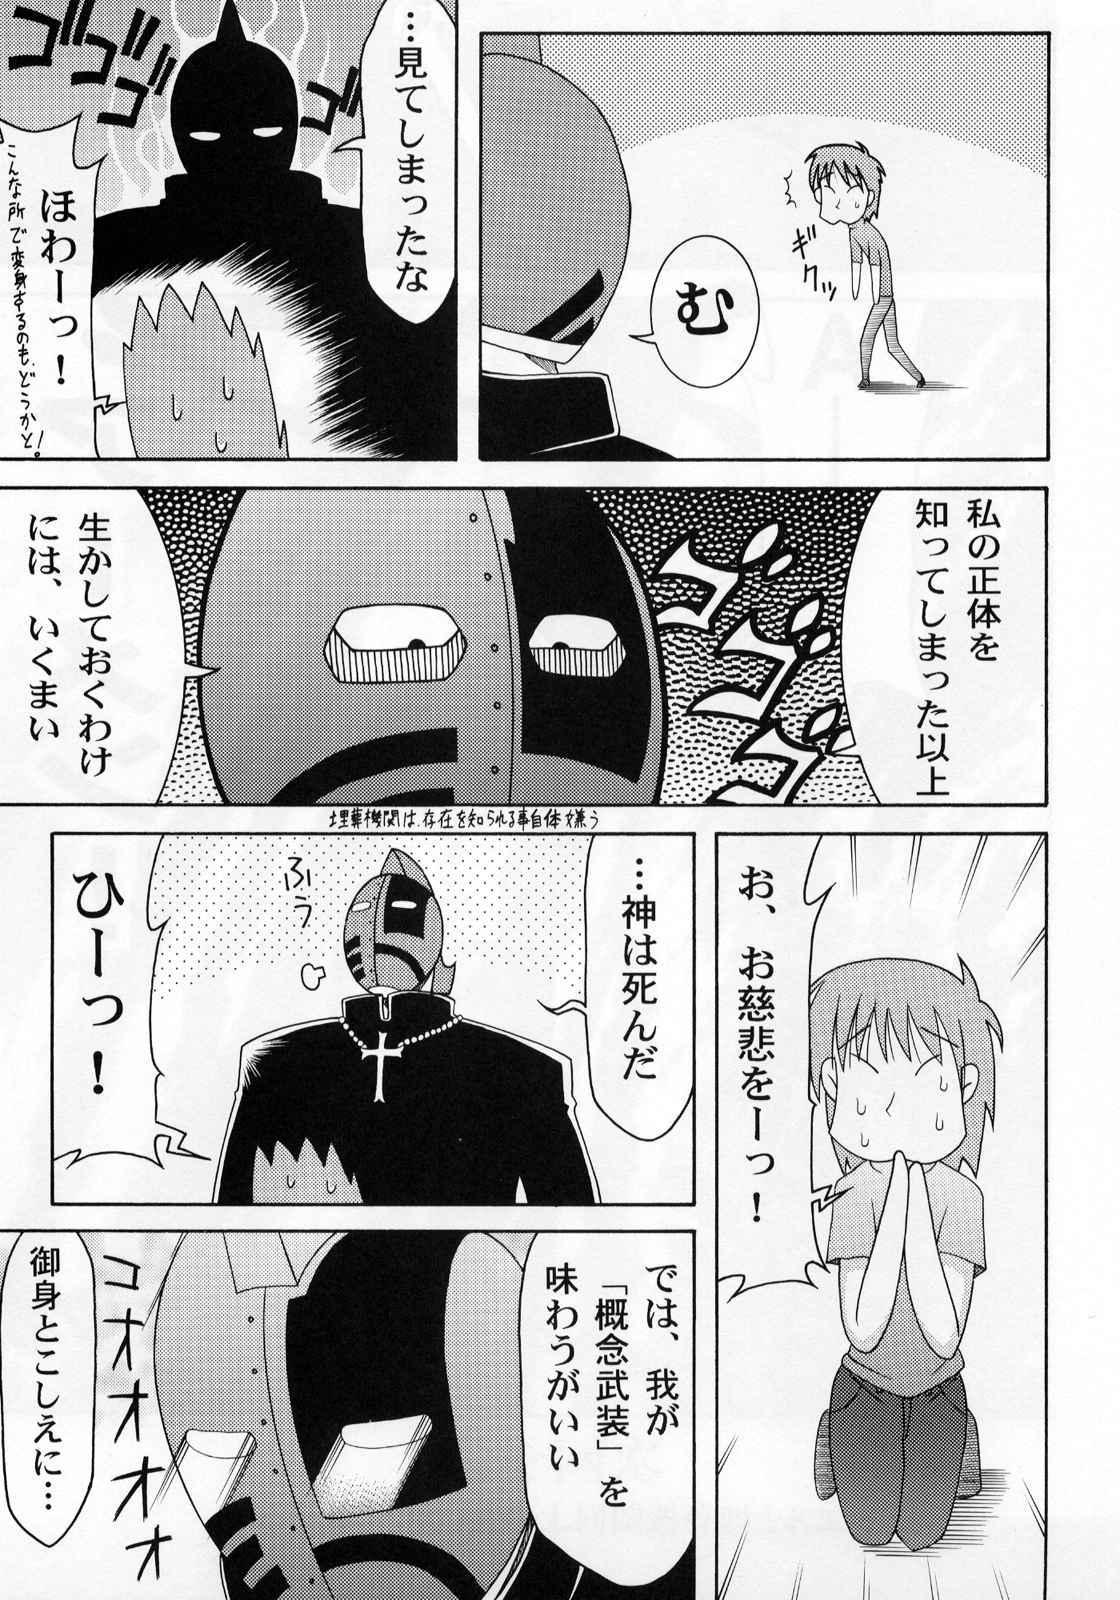 Abaretsukiyo 8